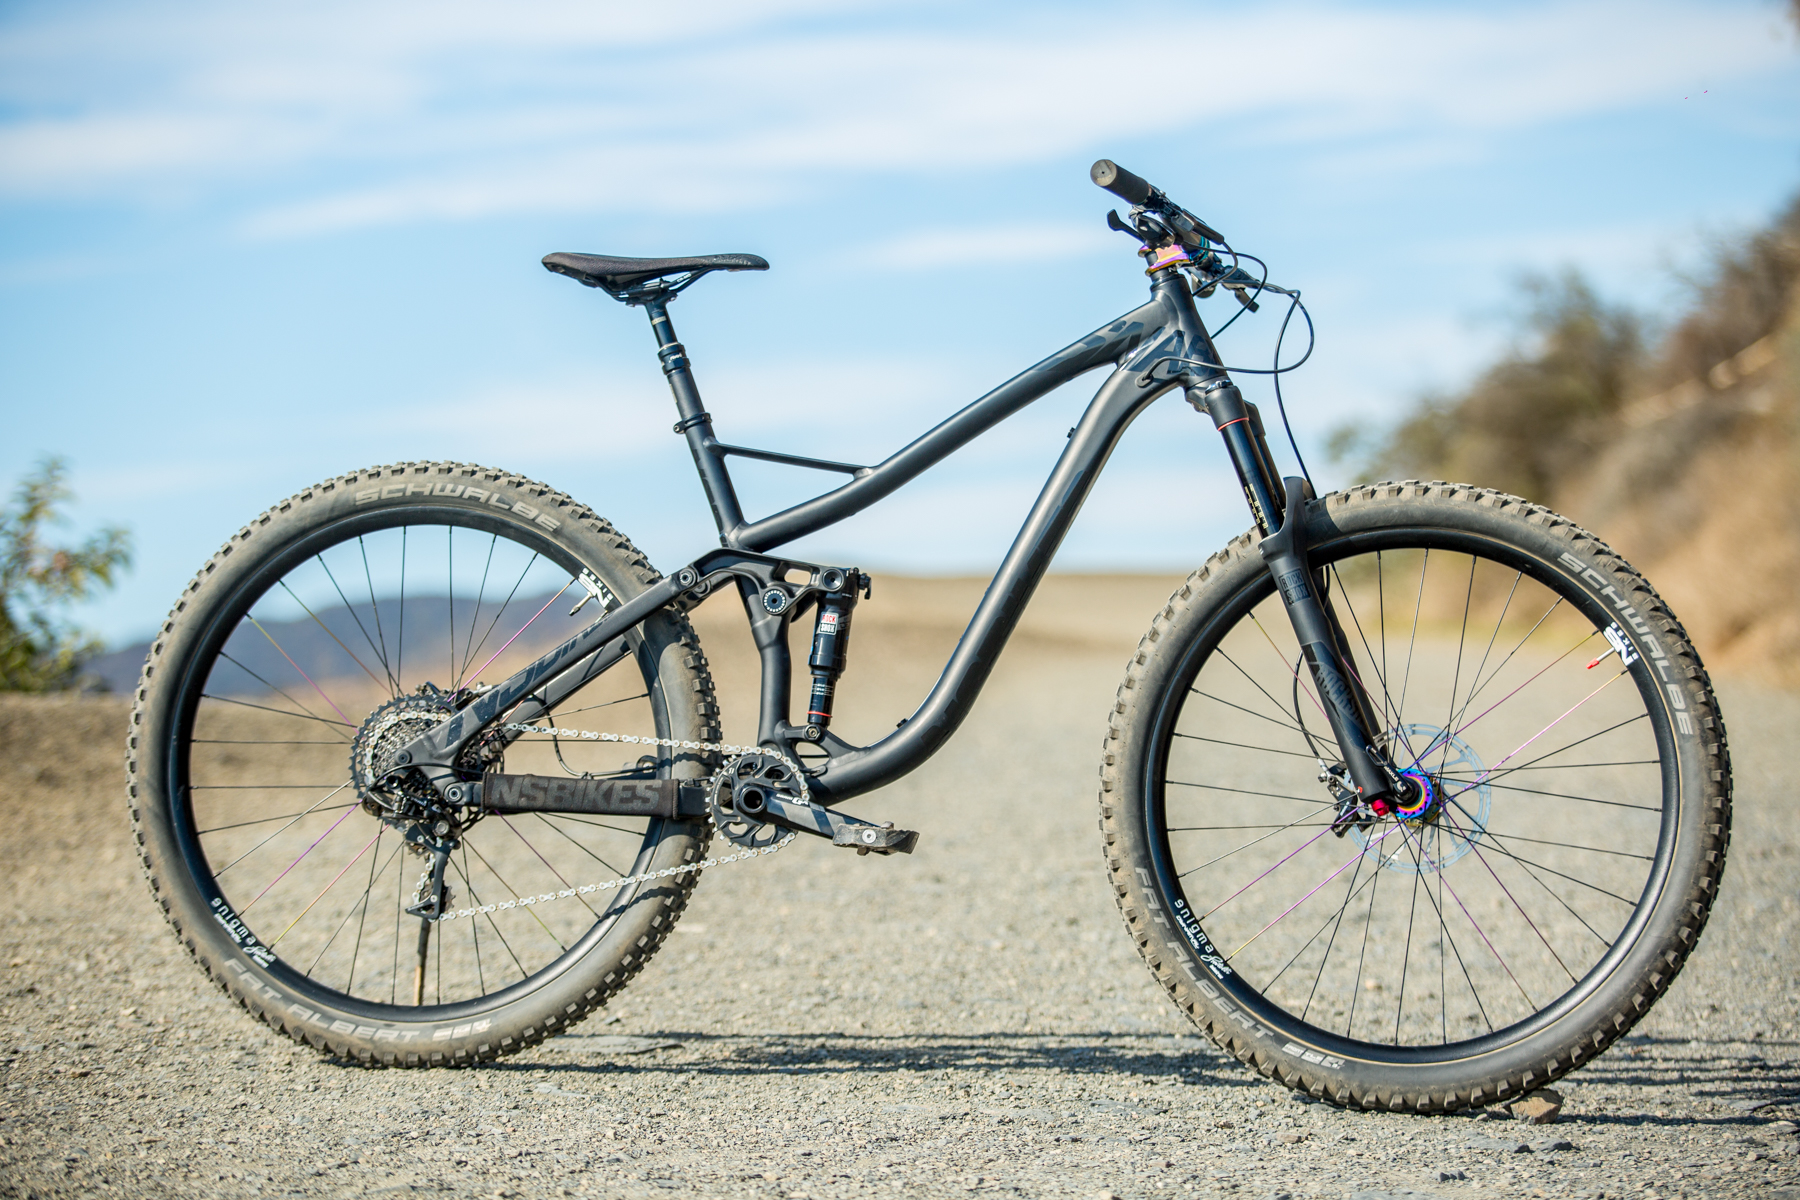 ns-bikes-productshots-3836